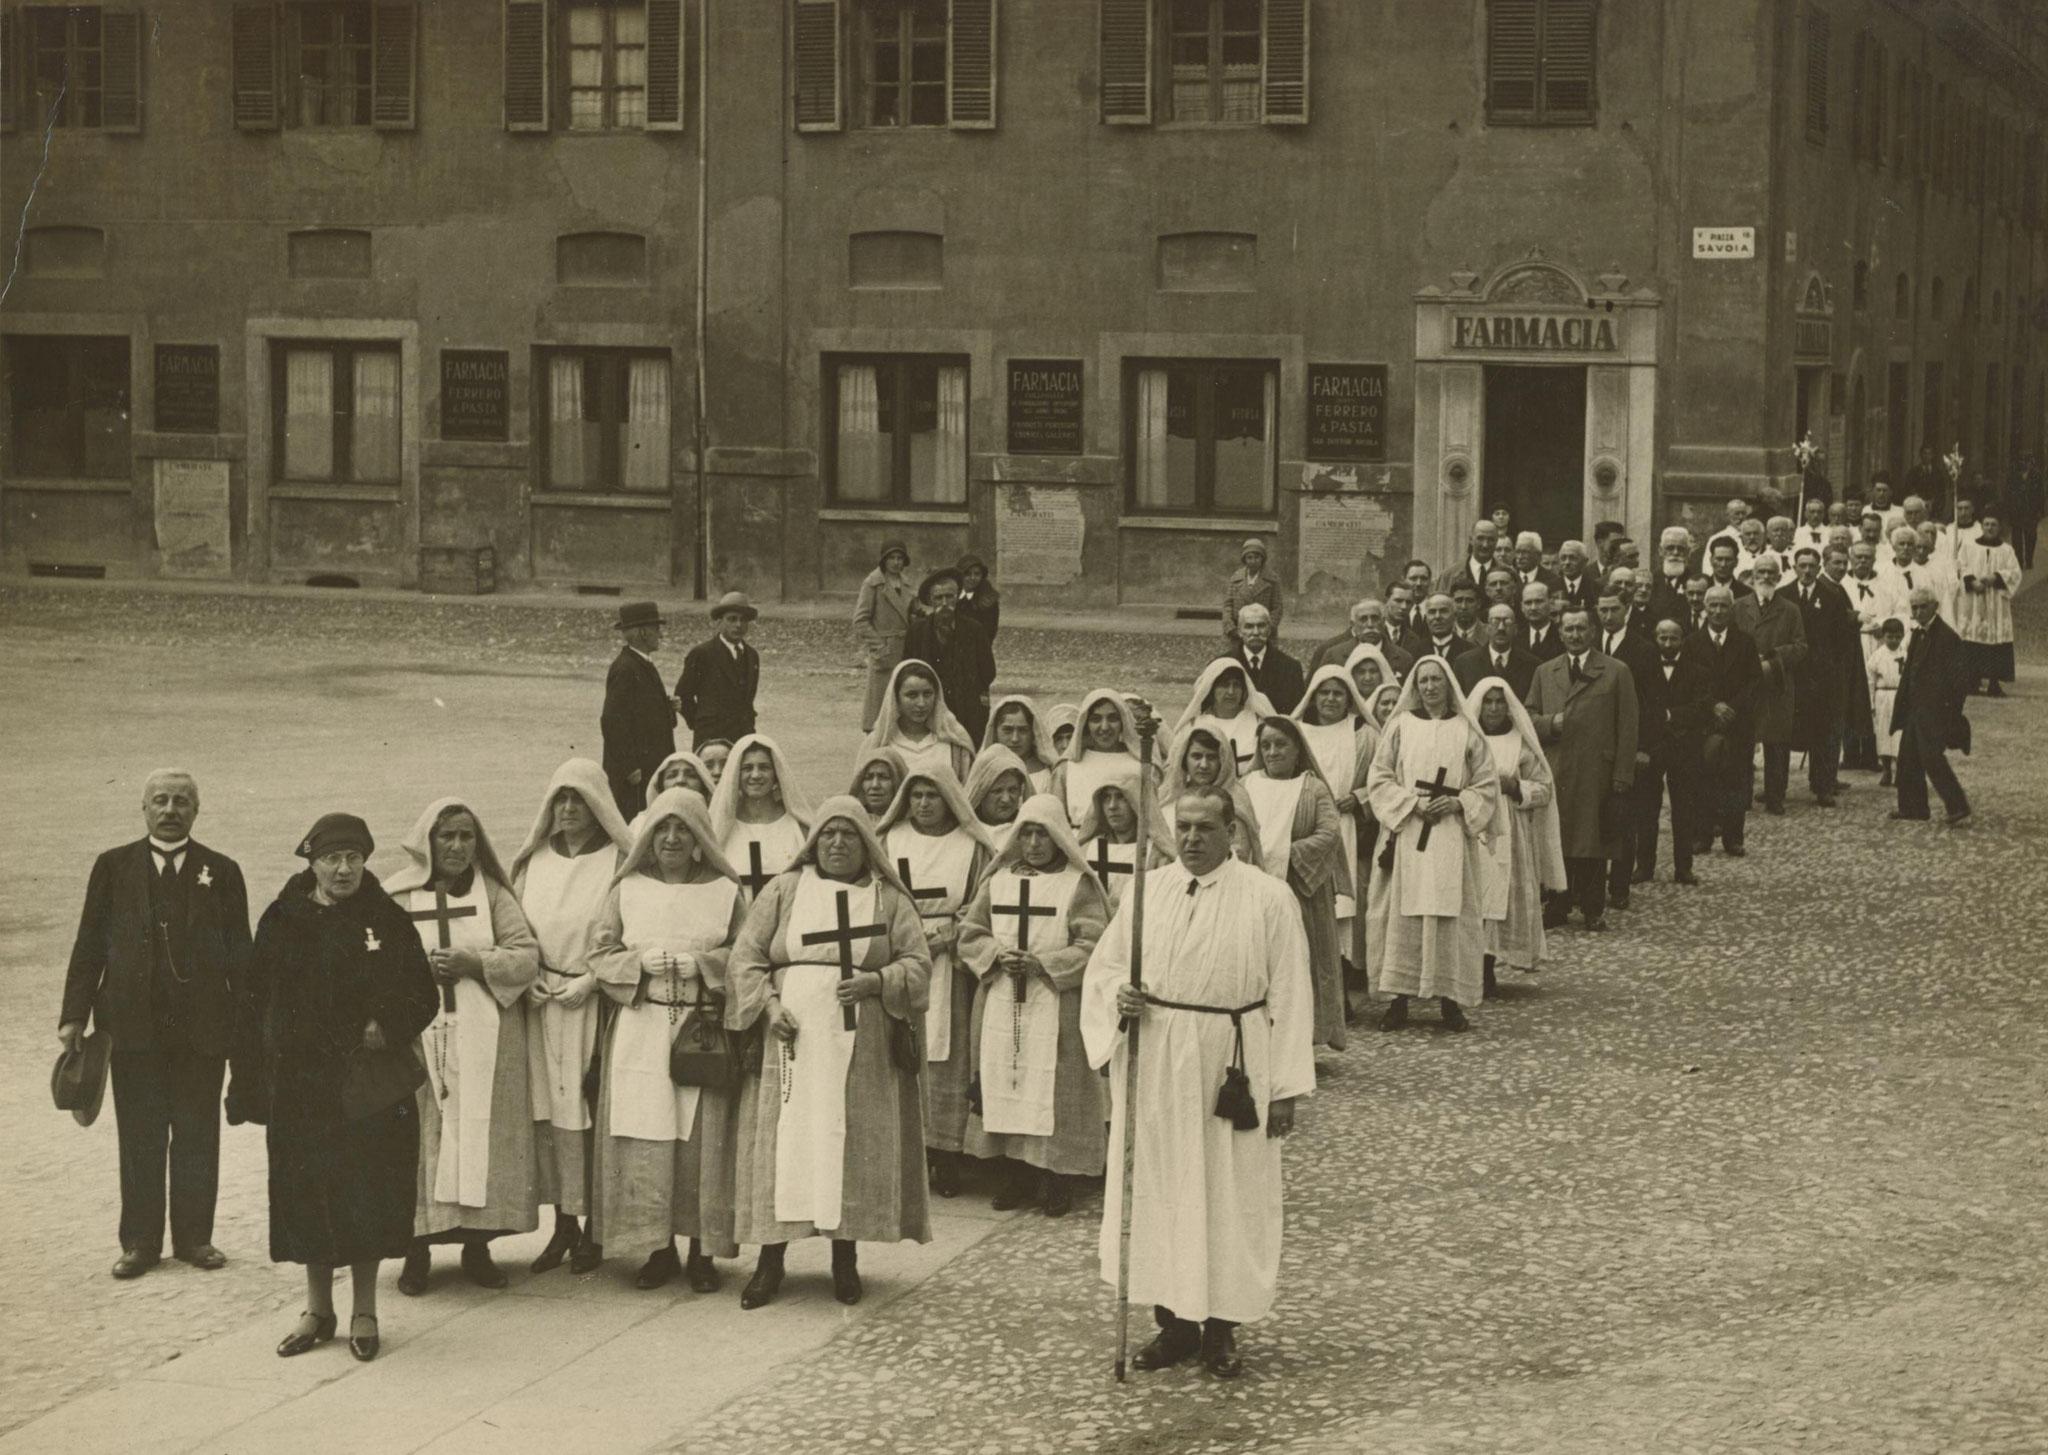 Processione delle Consorelle e dei Confratelli lungo l'attuale Piazza Savoia, anni '30 del Novecento